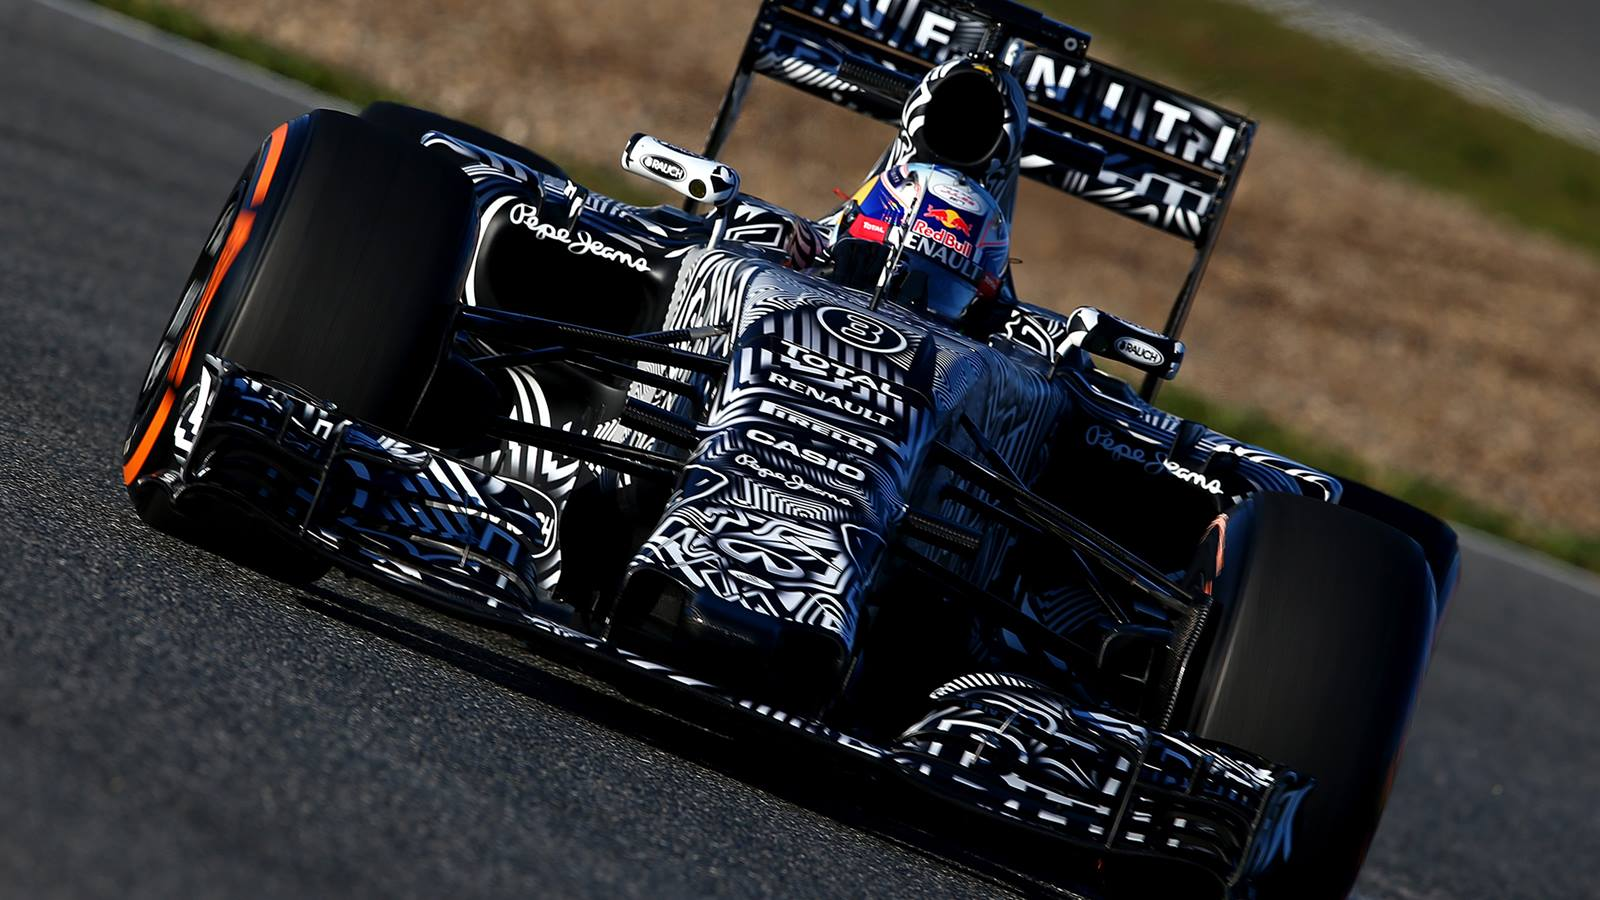 Nueva suspensión trasera para el Red Bull RB11